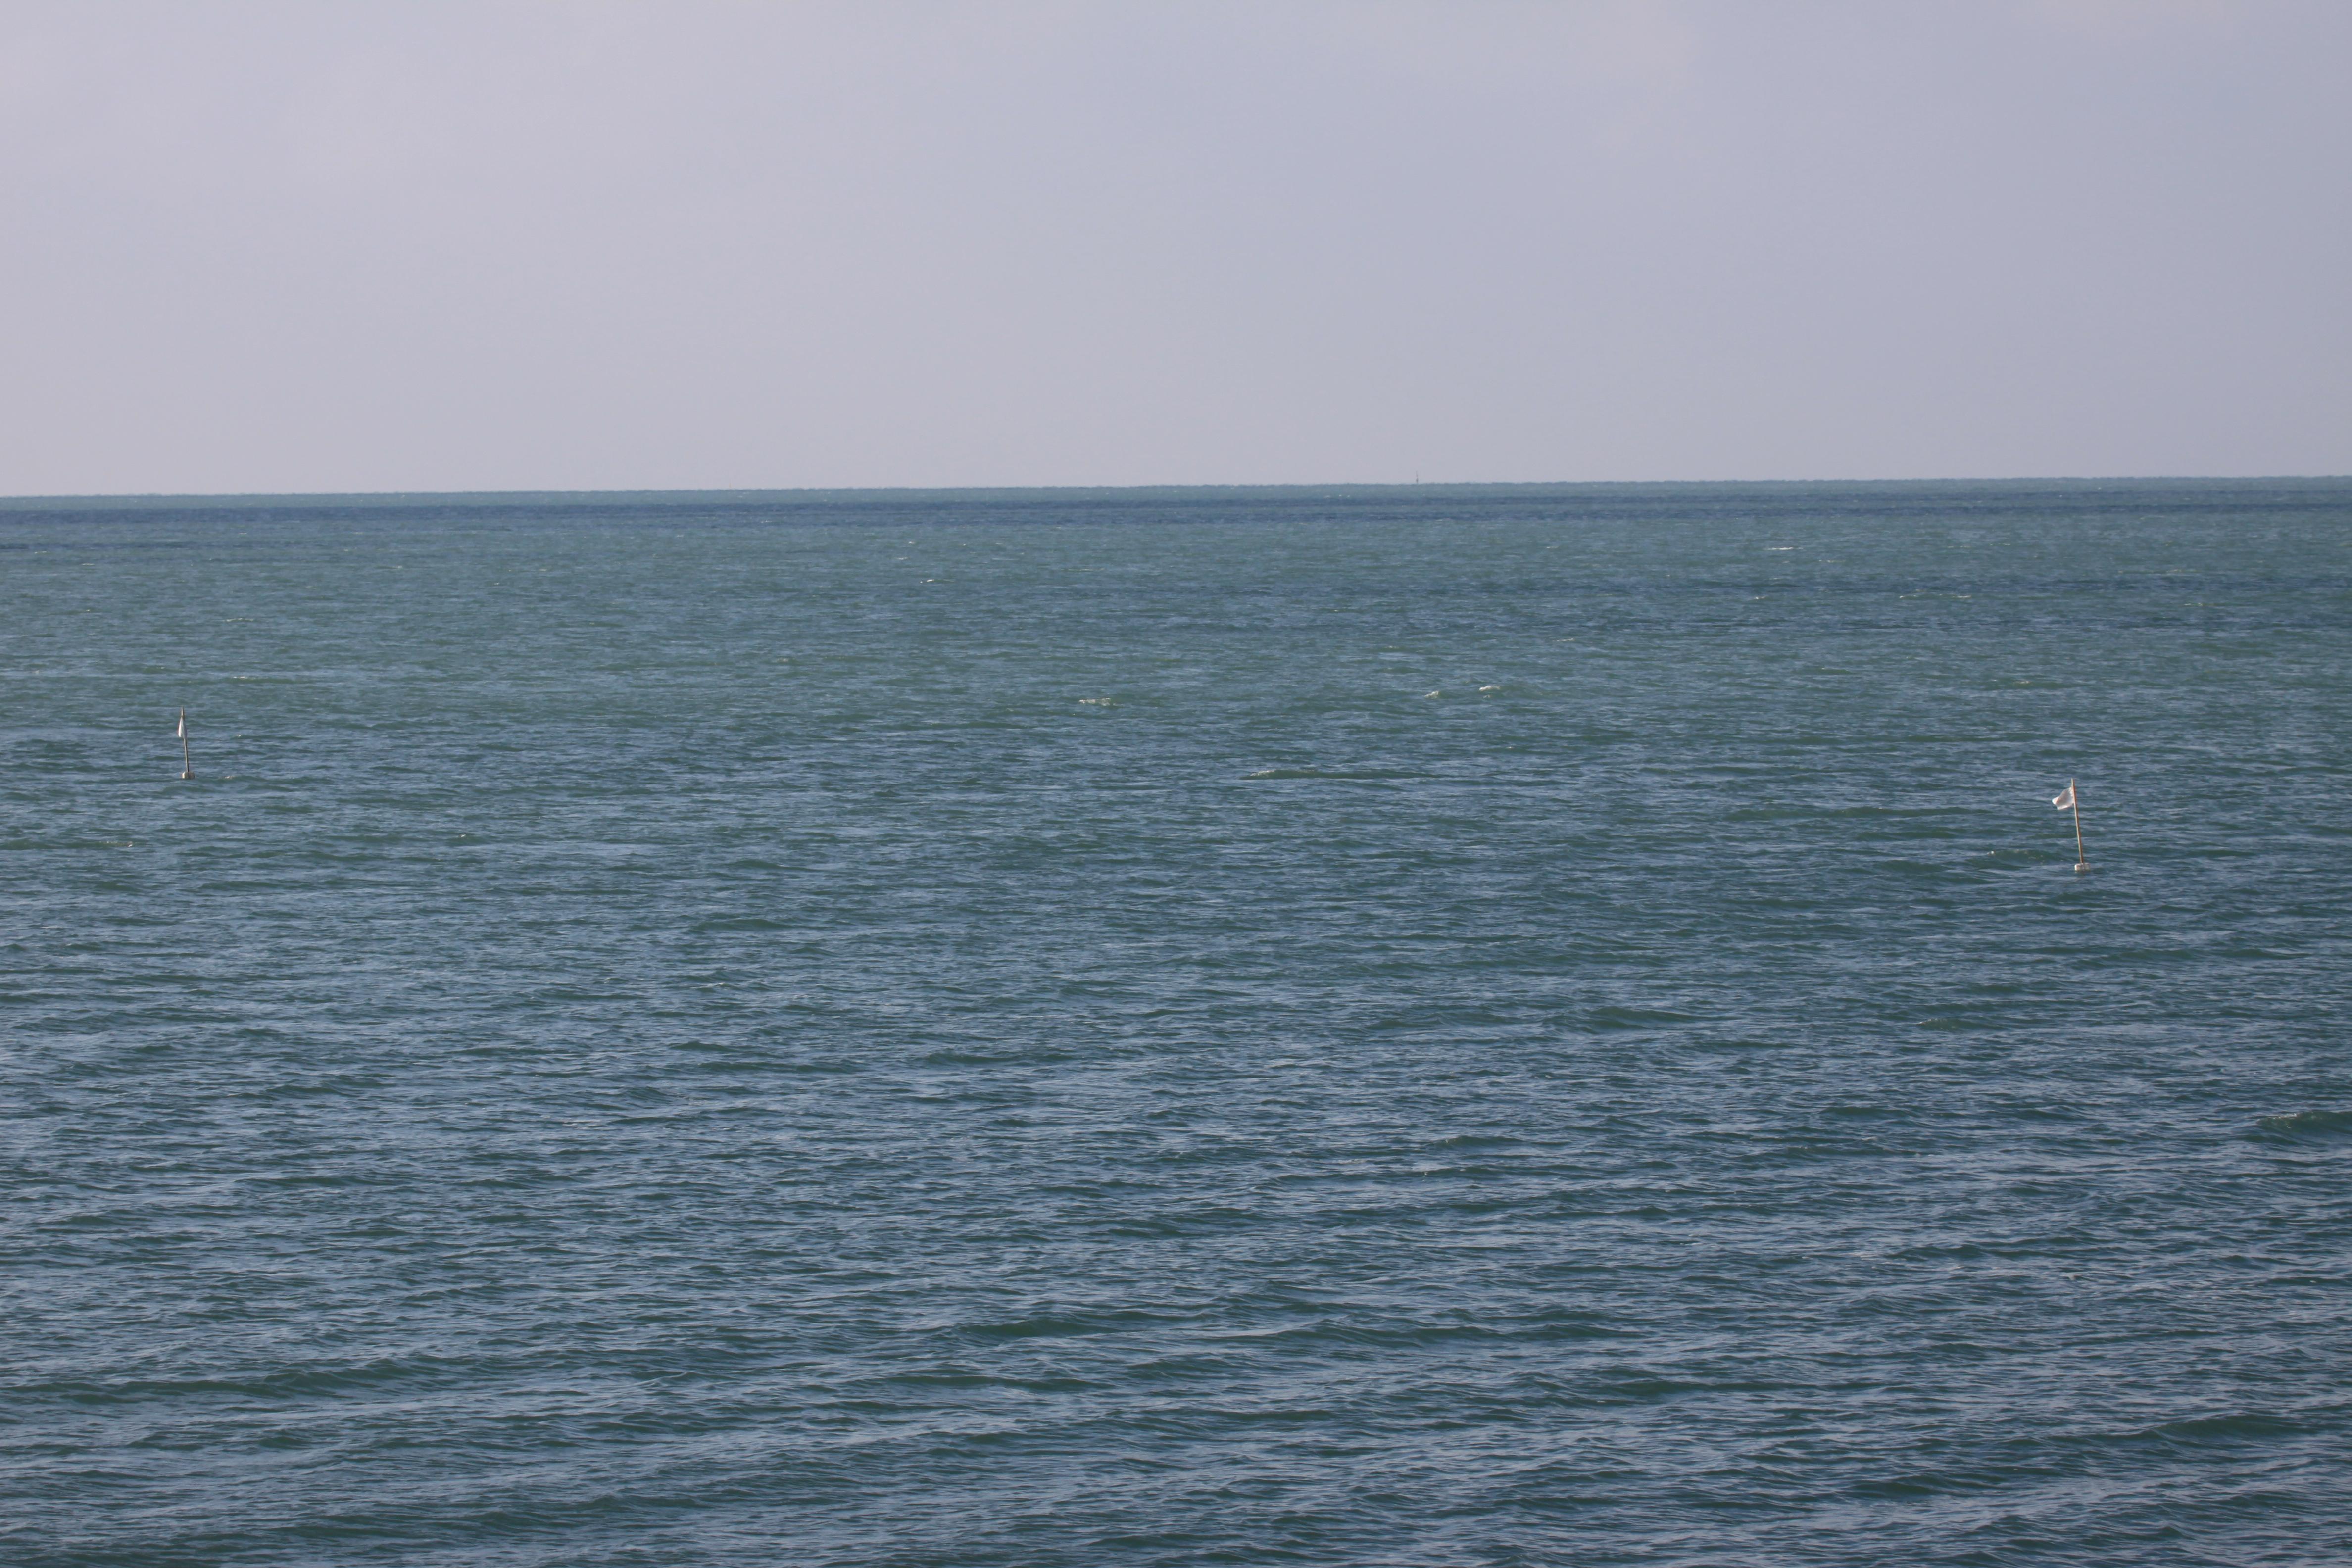 :bouées de balisage de matériel de pêche flottant sur la mer